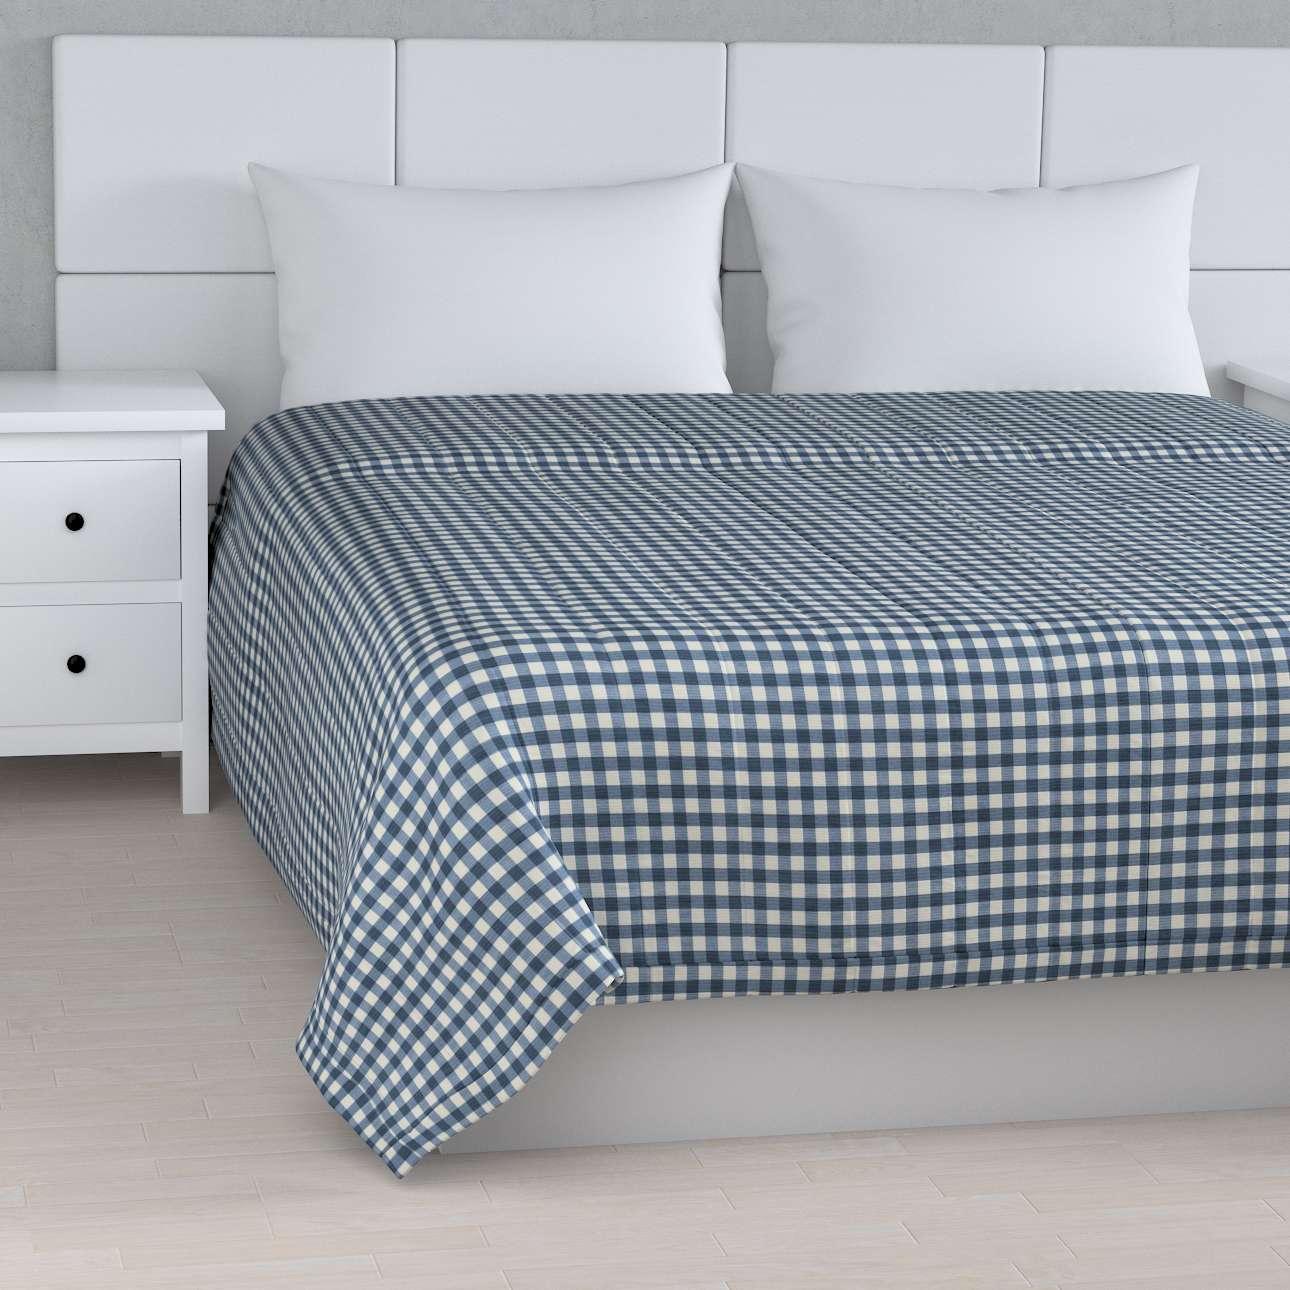 Tagesdecke mit Streifen-Steppung von der Kollektion Quadro, Stoff: 136-01